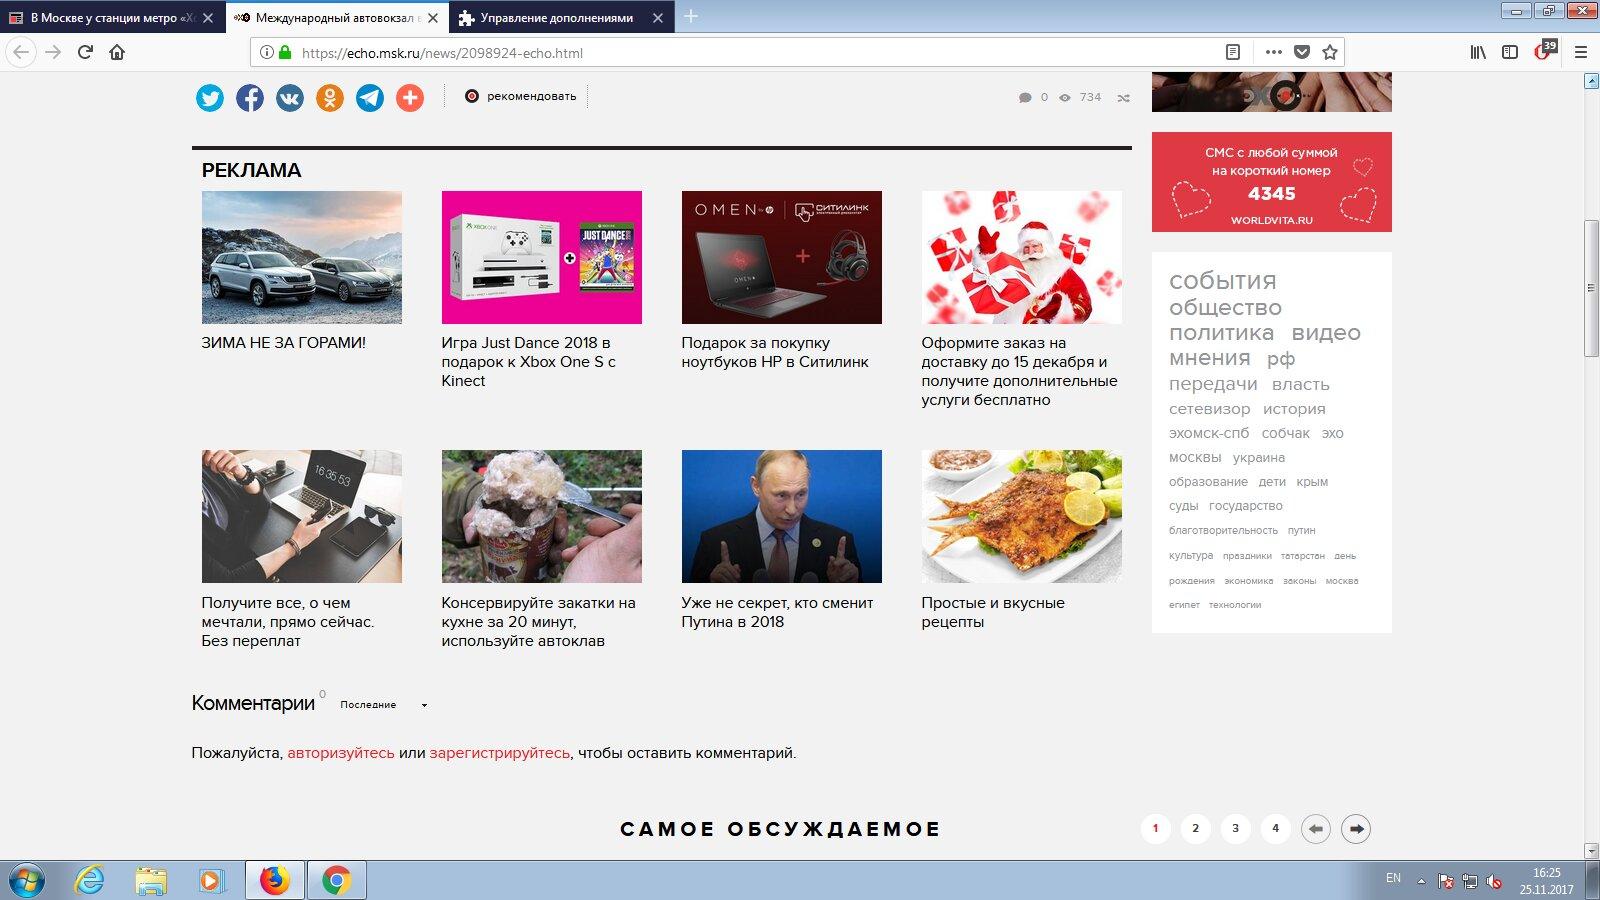 Сайт «Эха Москвы». Отображение с установленным AdBlock